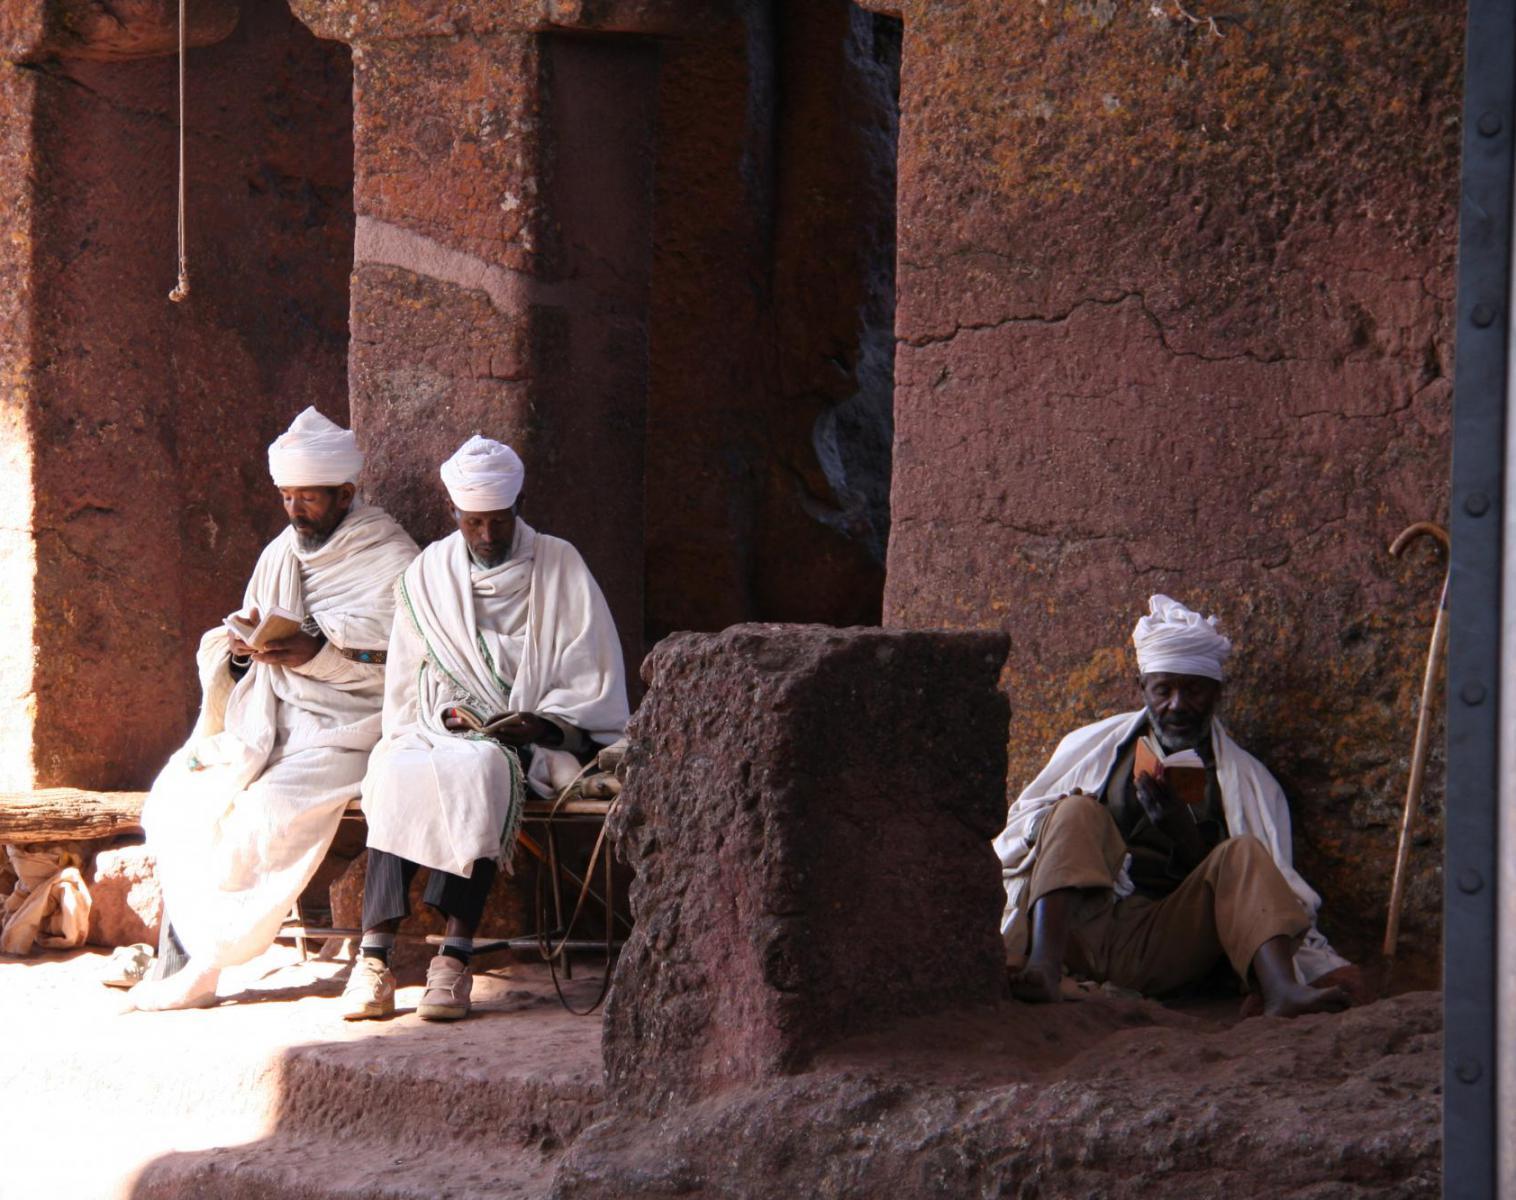 Éthiopie  ETHIOPIE -DJIBOUTI : le grand pays Afar   Rencontres et cultures du Monde